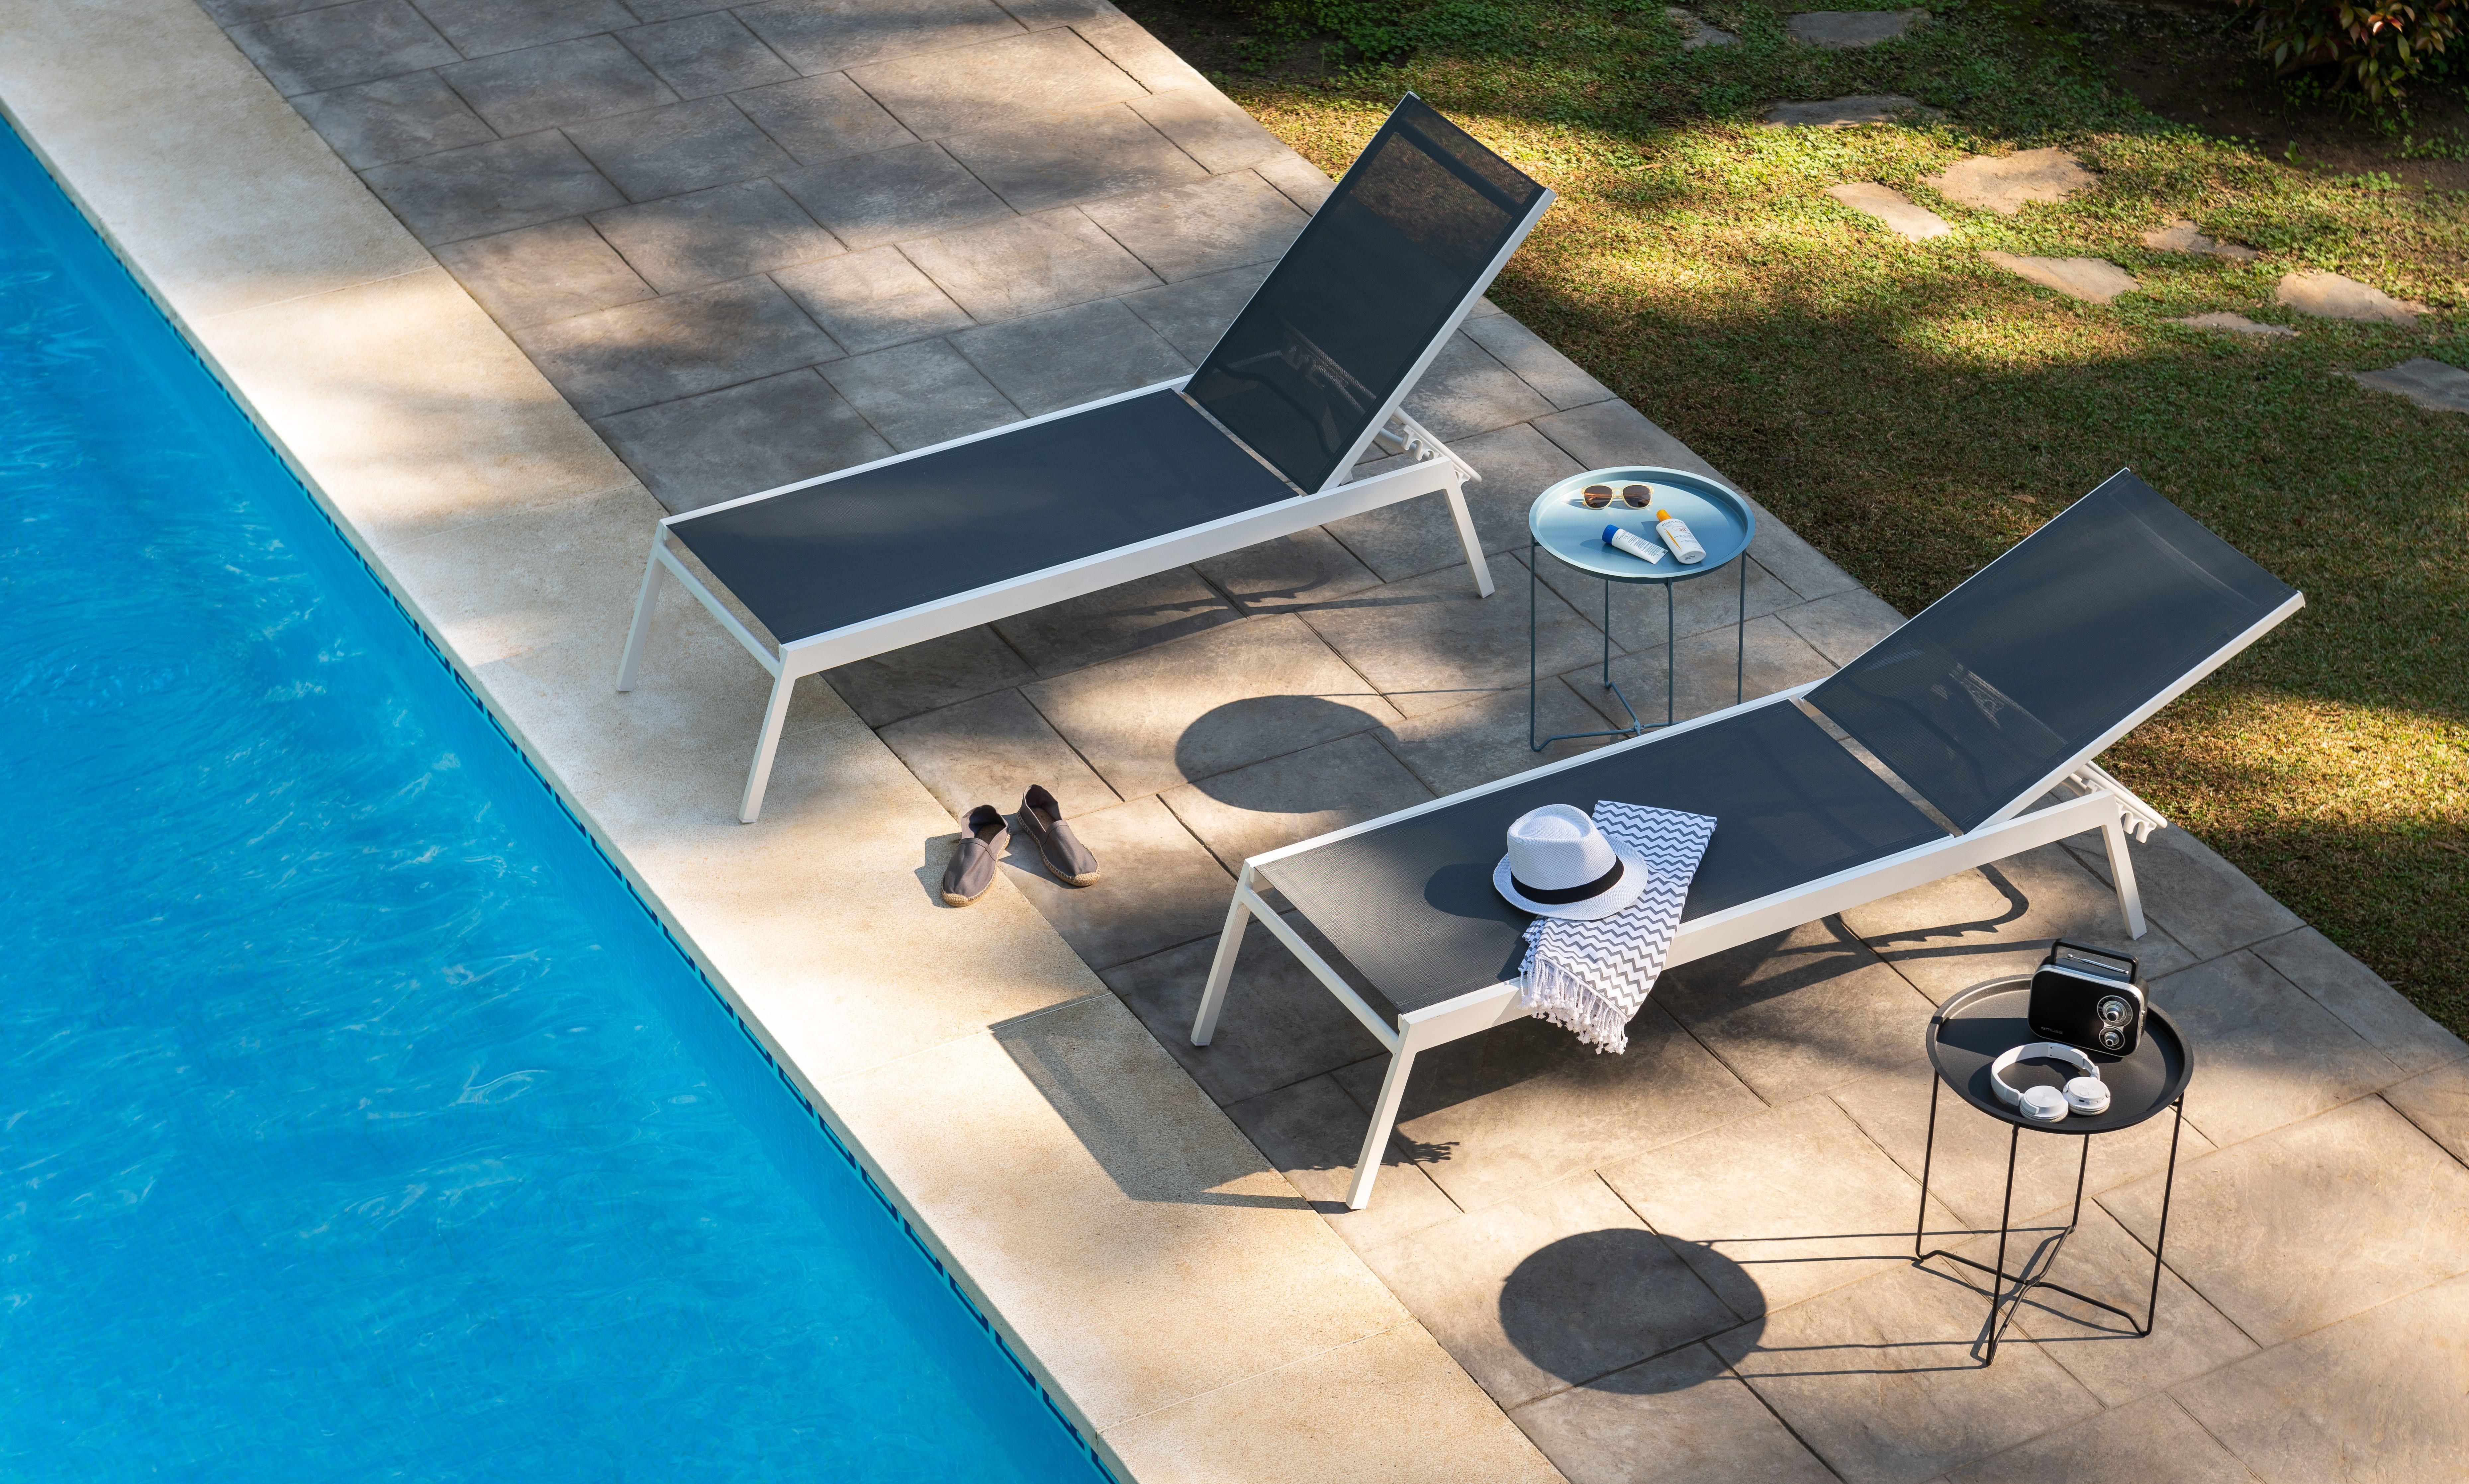 mobilier de jardin pas cher gifi piscine bain de soleil mobilier jardin